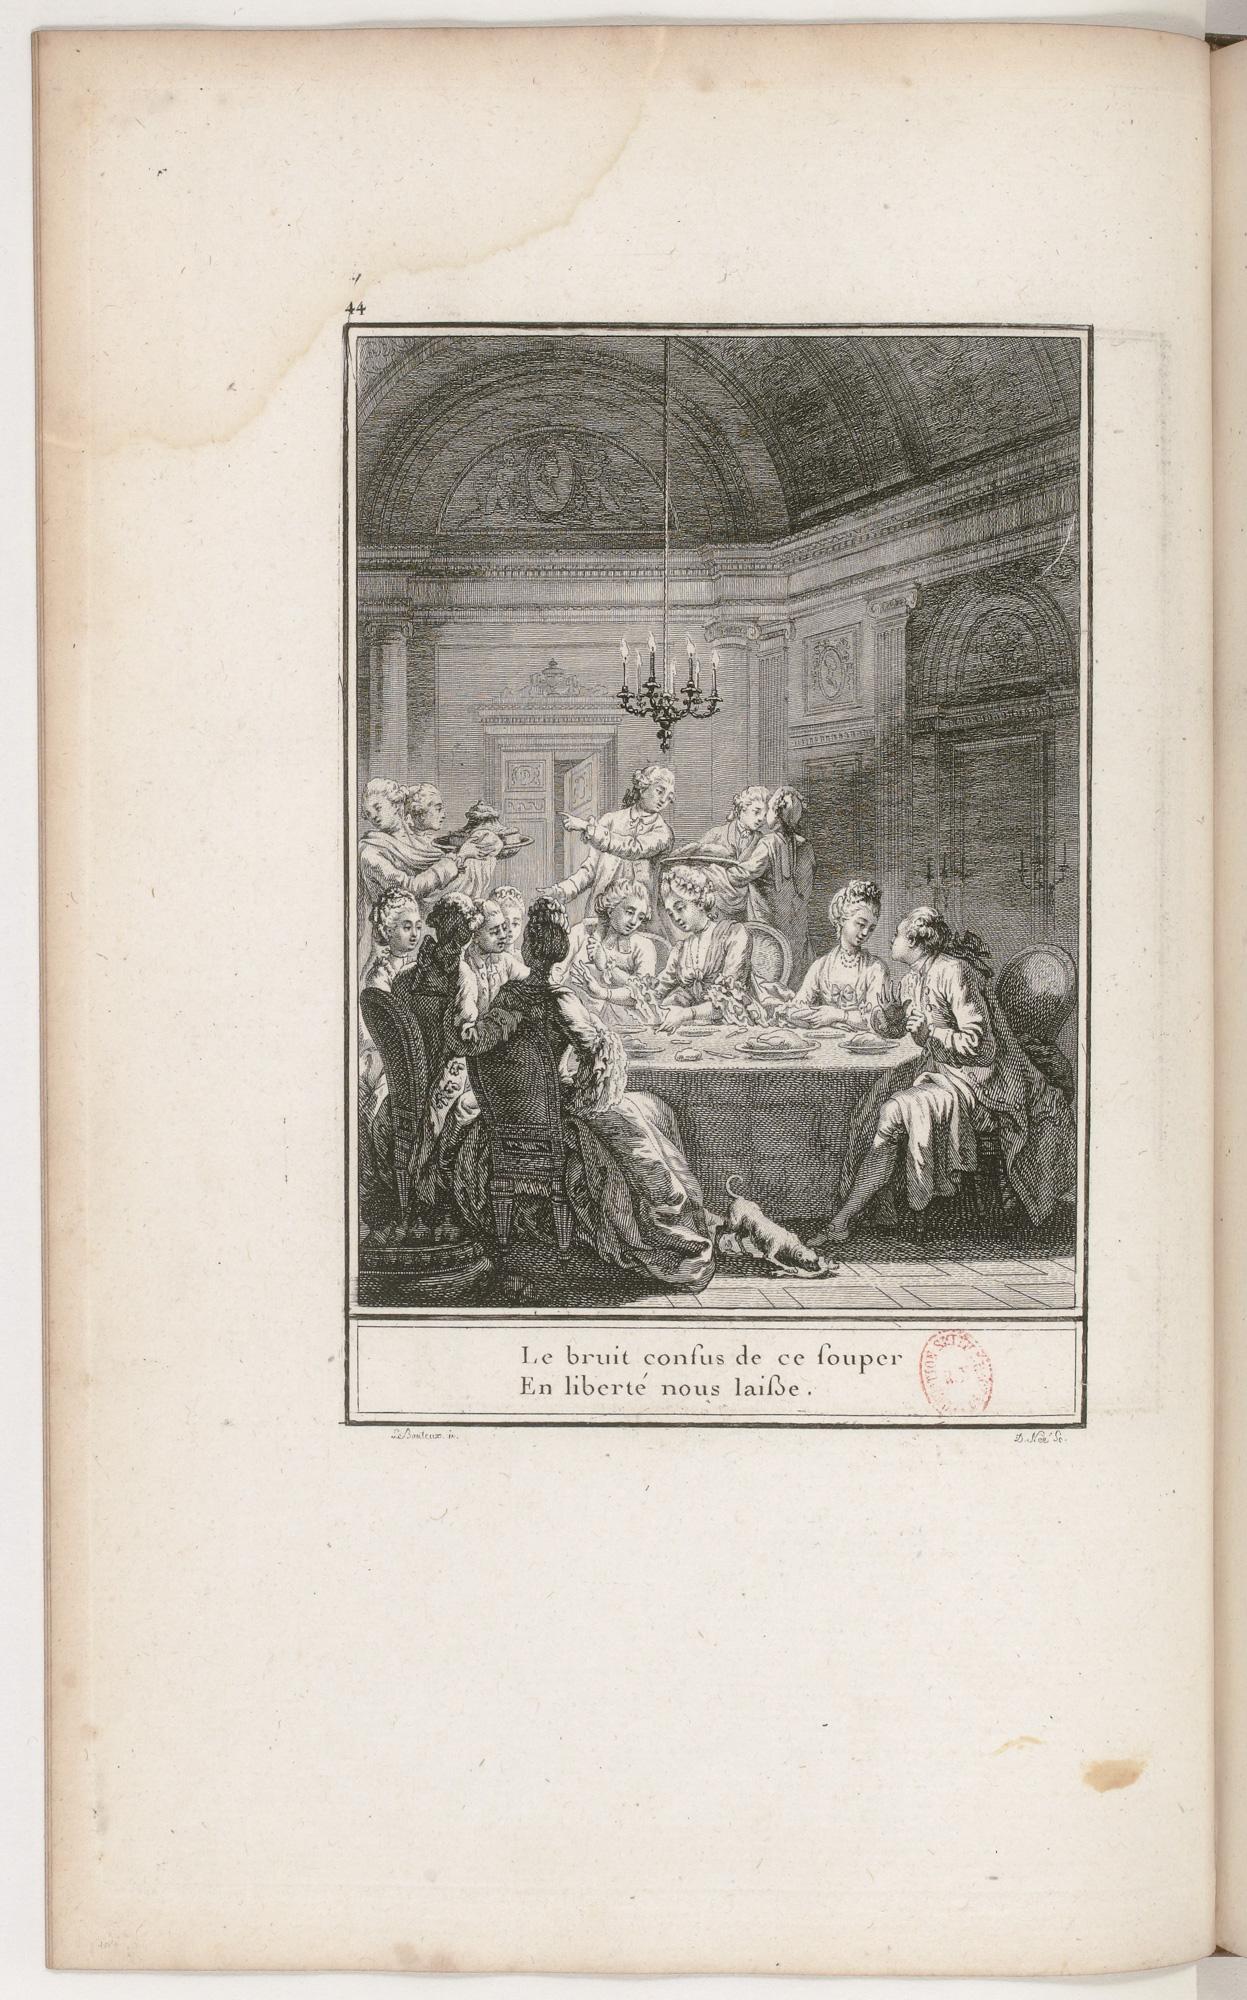 S.2.08 Le souper,1772, Image